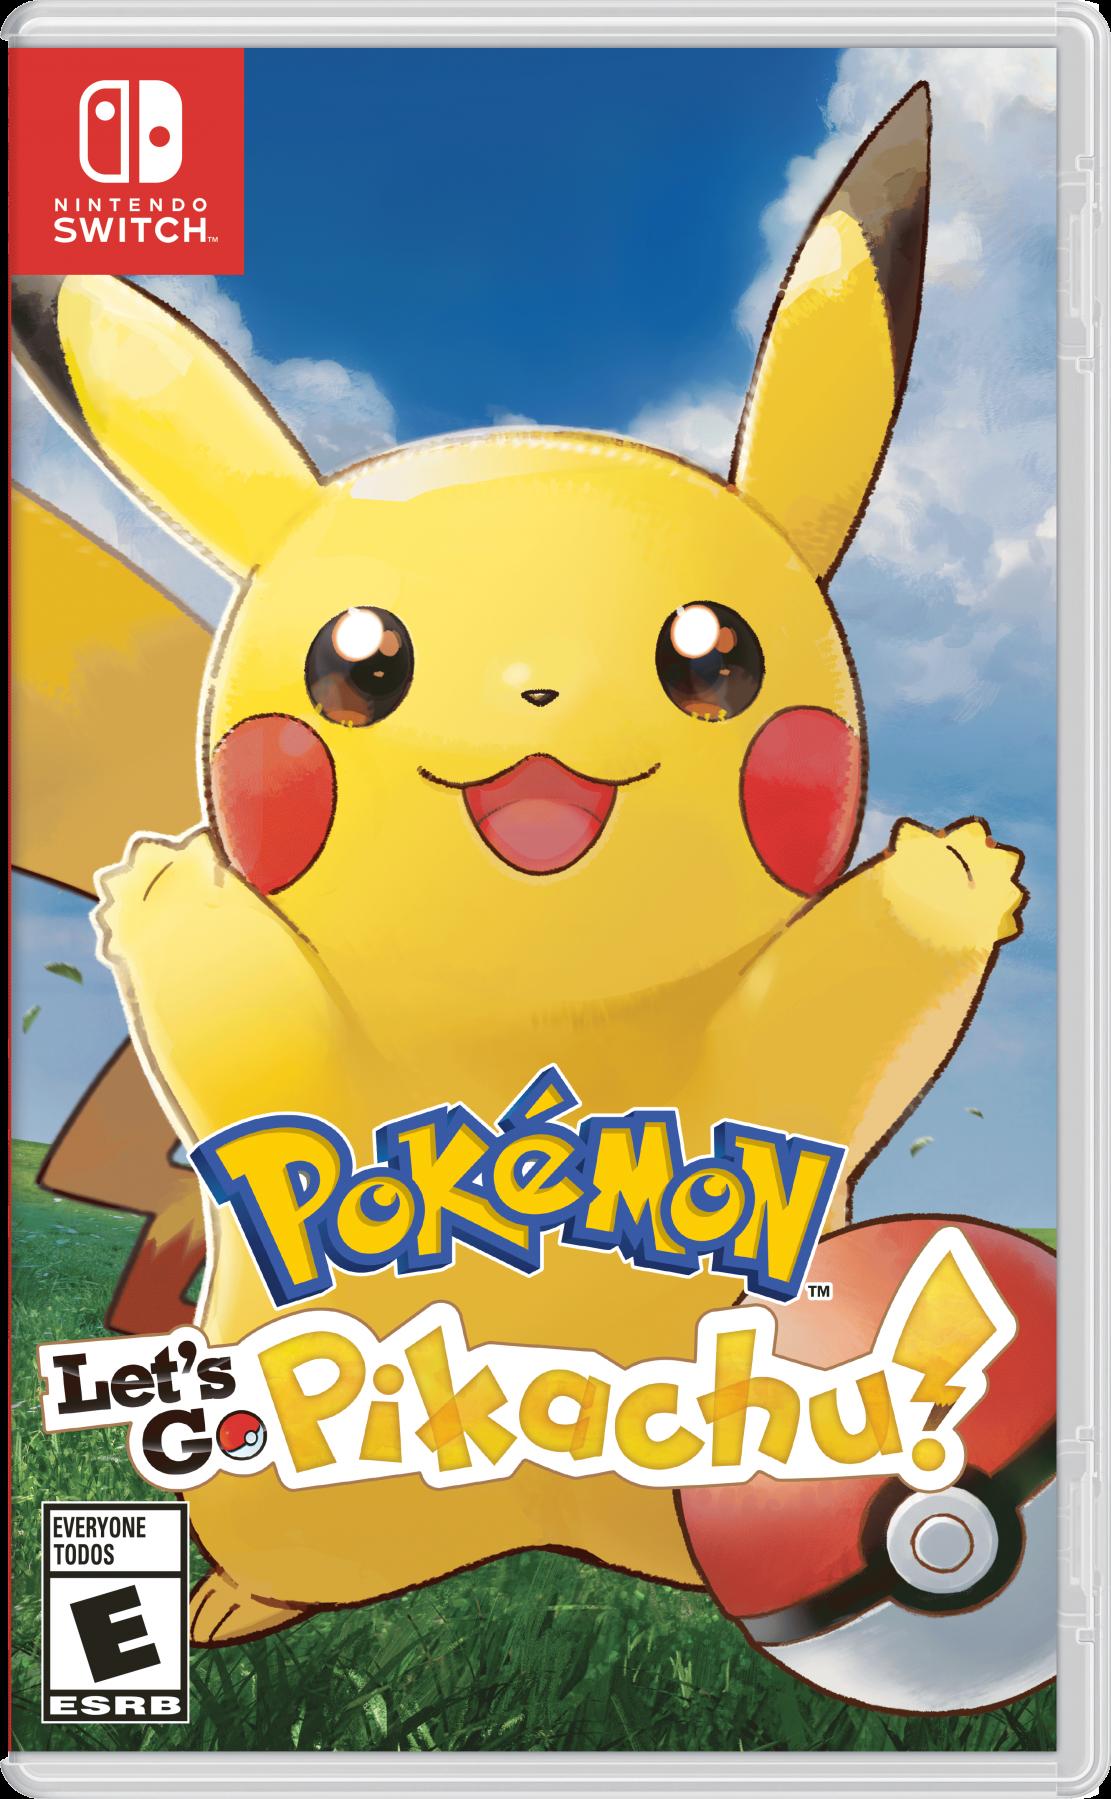 Pokémon Let's Go Pikachu! б/у switch